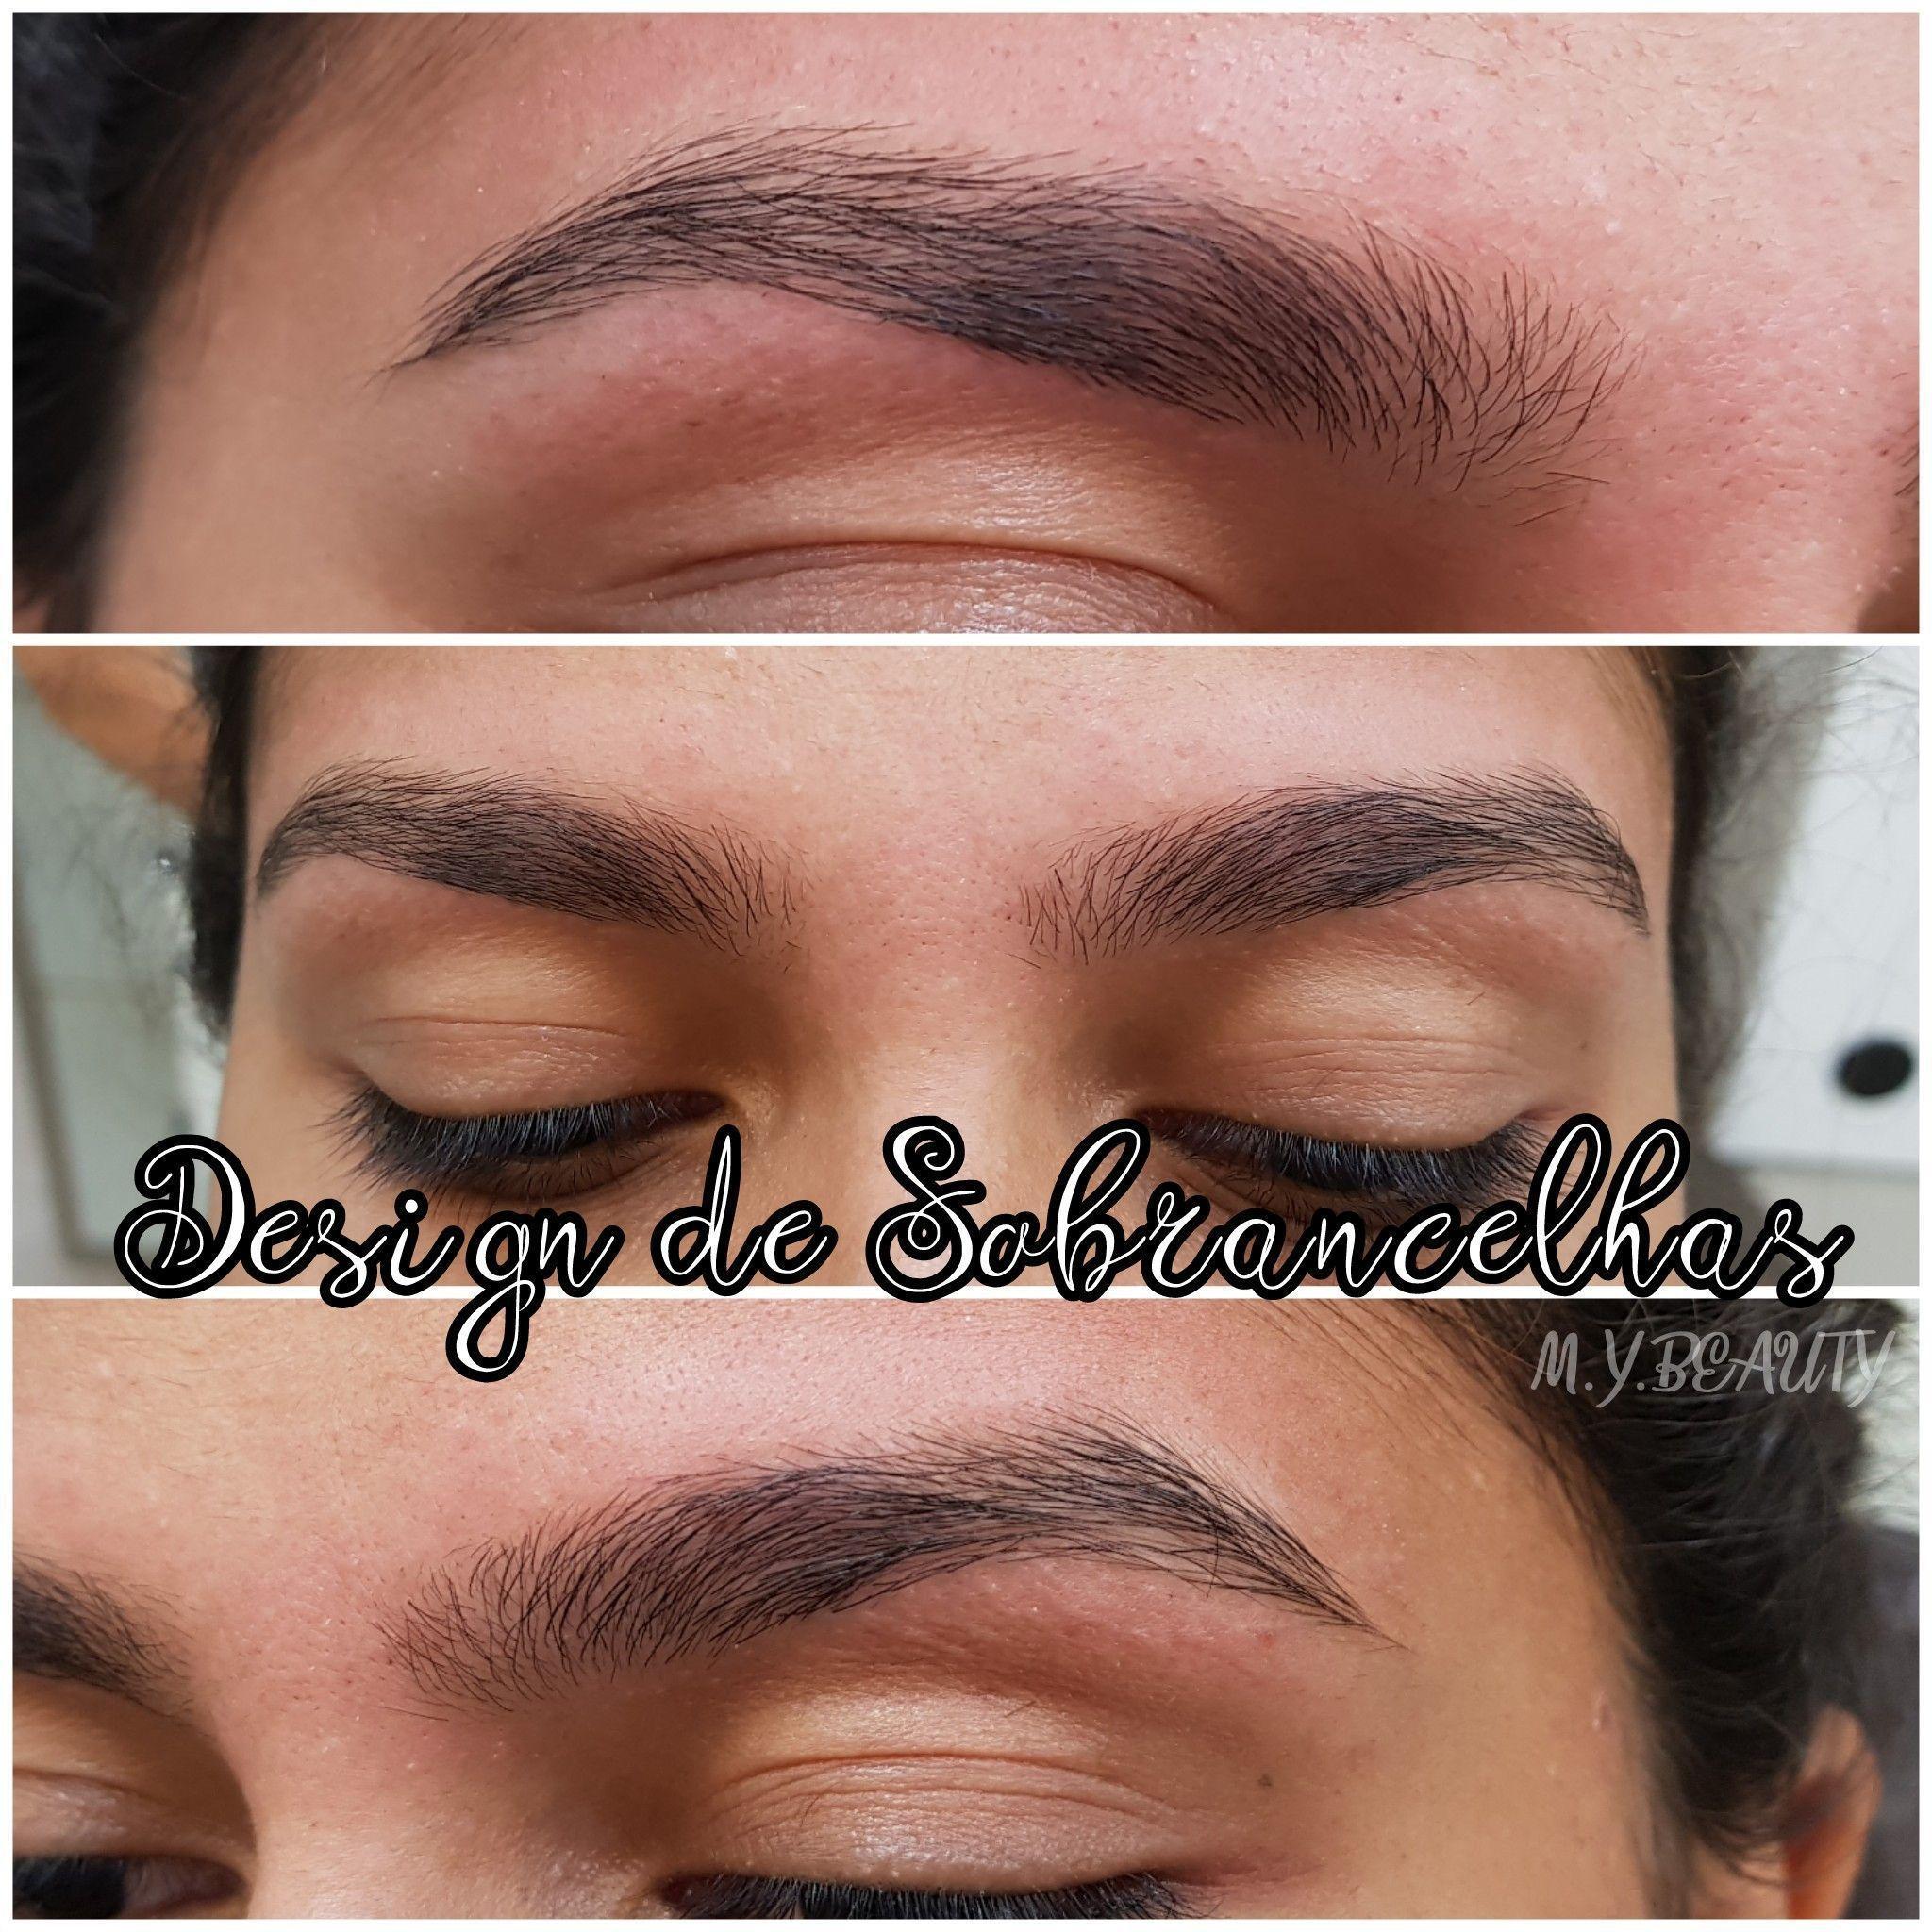 Design de sobrancelha estética depilador(a) depilador(a) designer de sobrancelhas